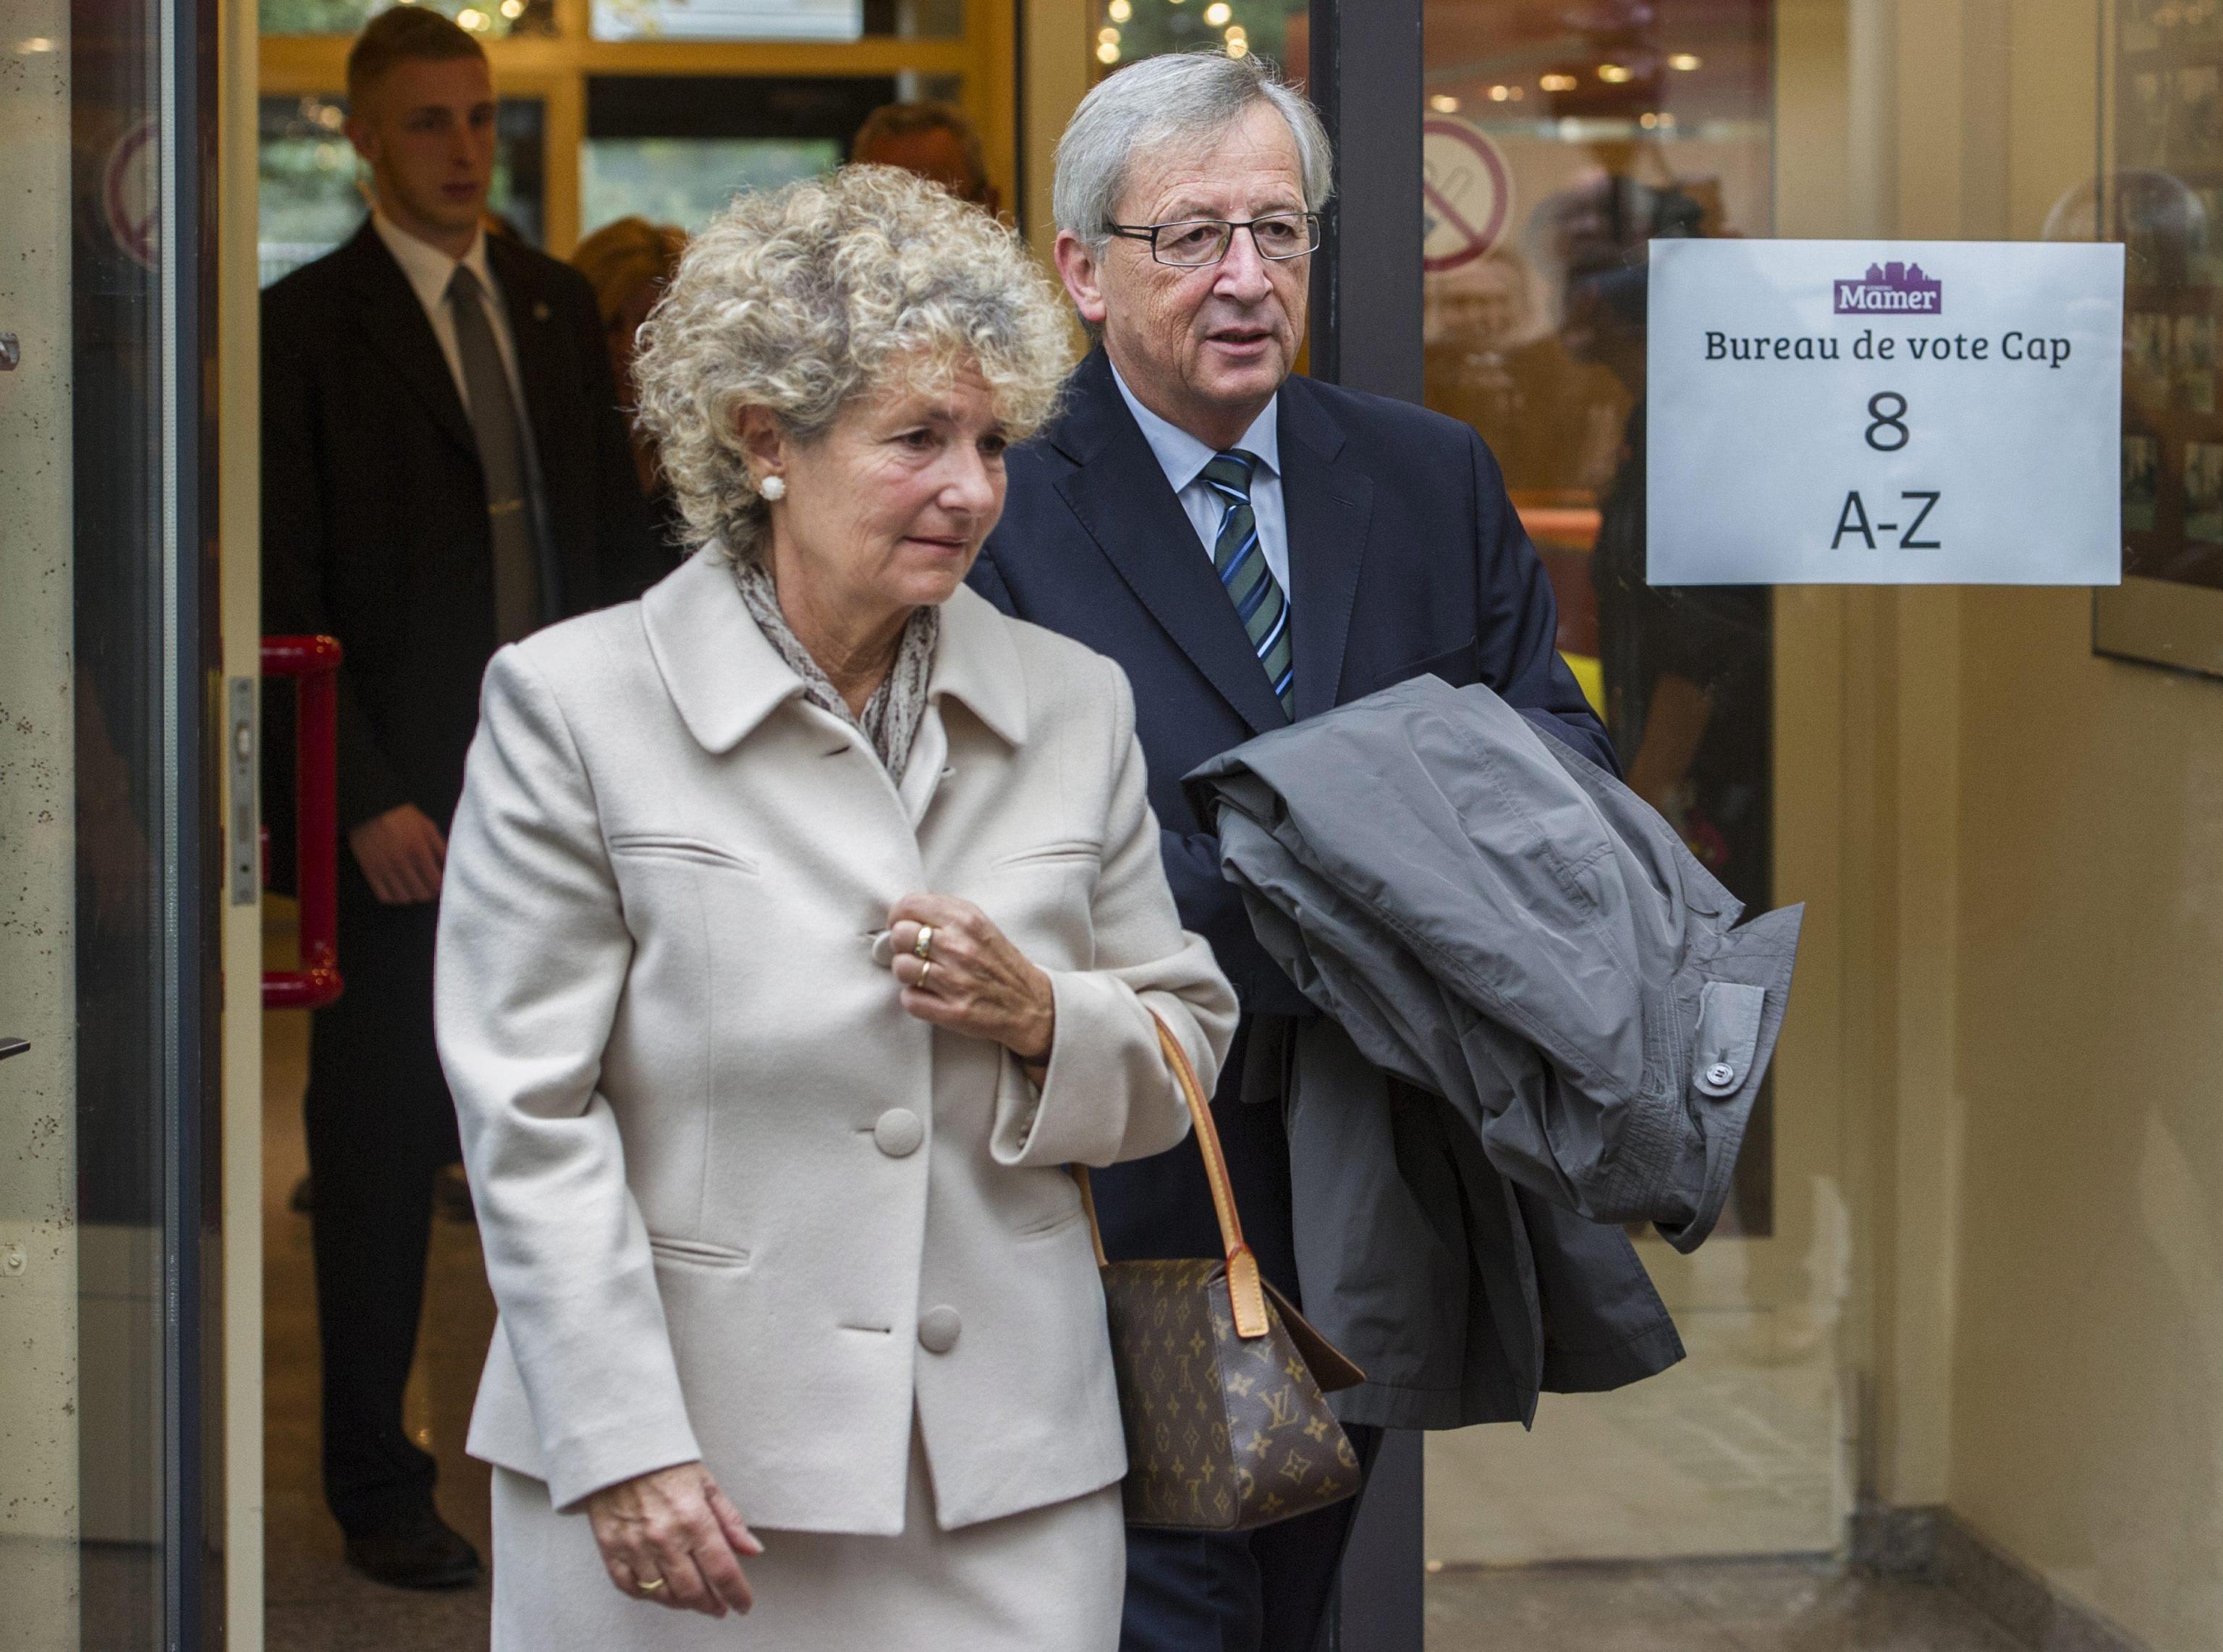 Jean Claude Juncker e la moglie Christiane Frising